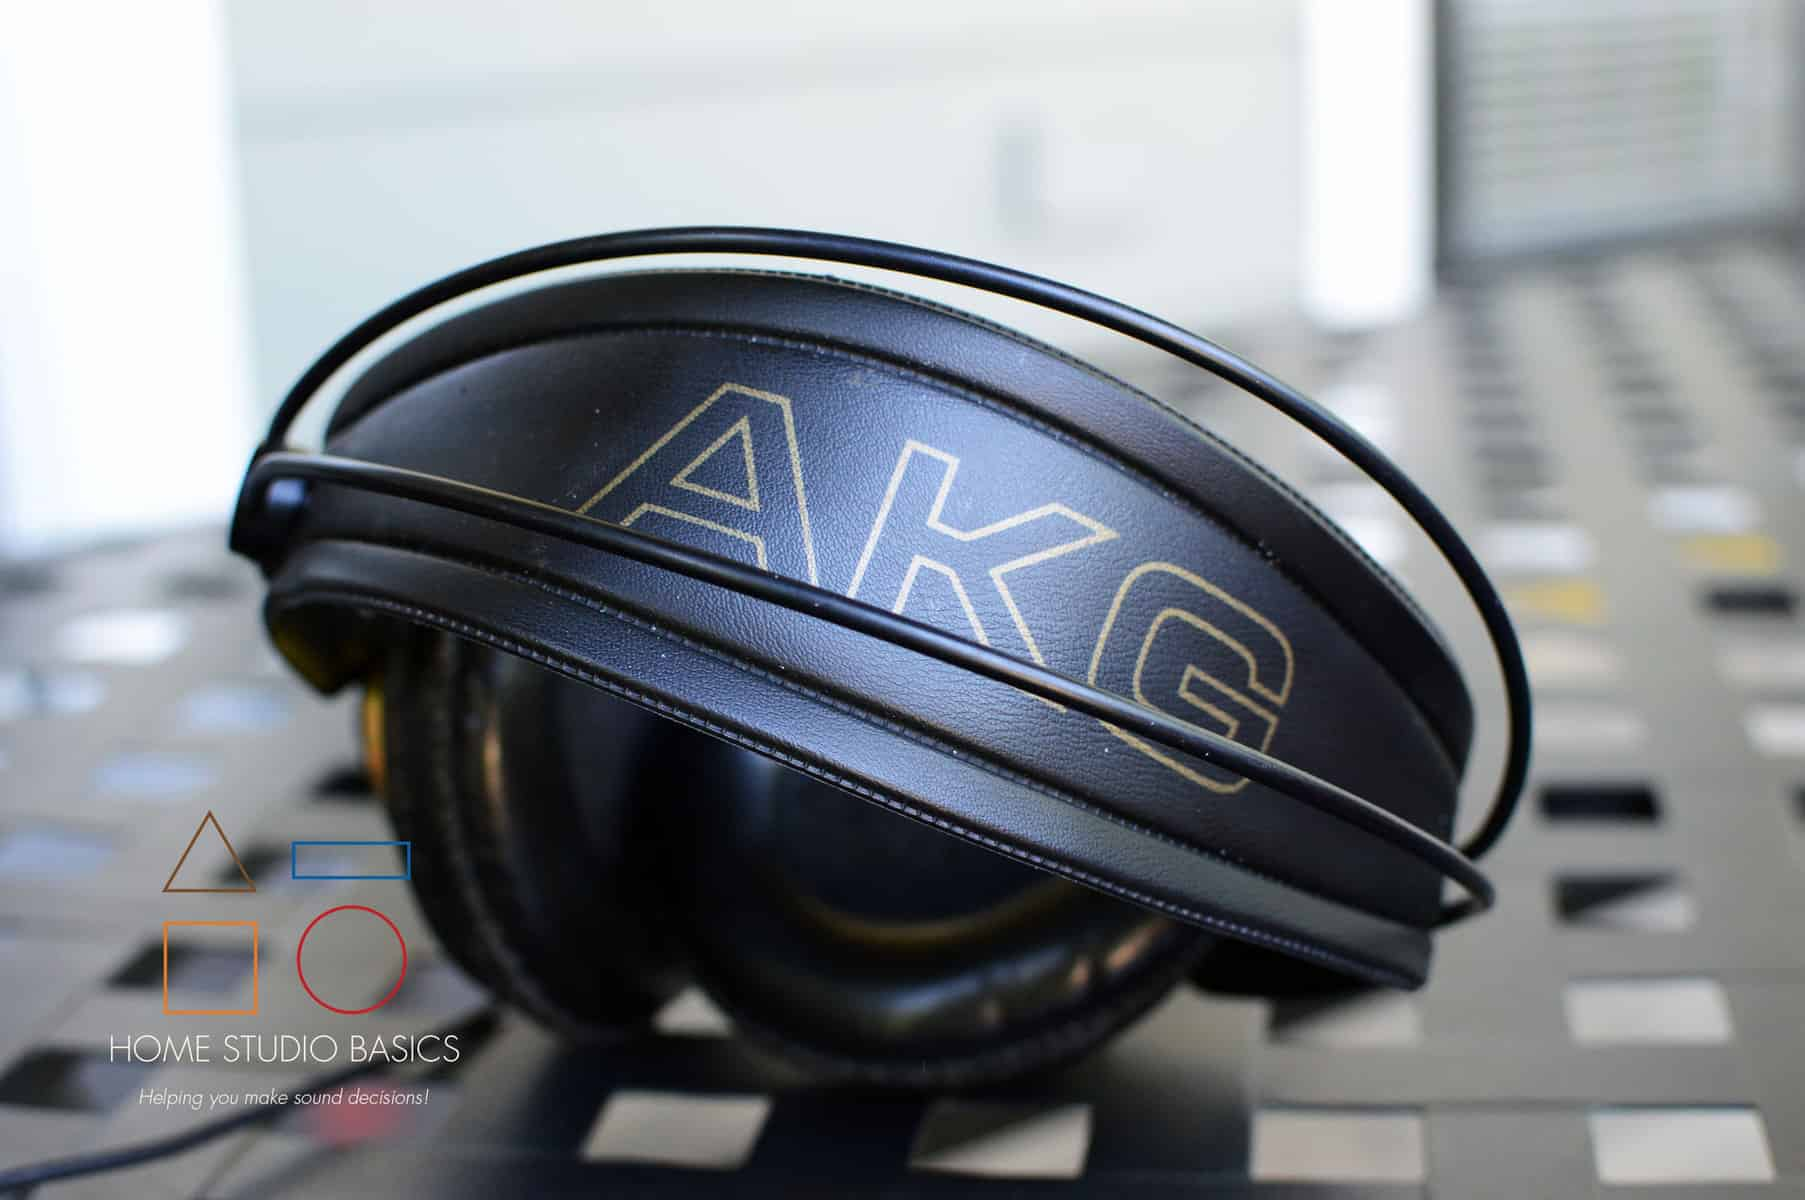 AKG K240 vs. Samson SR850